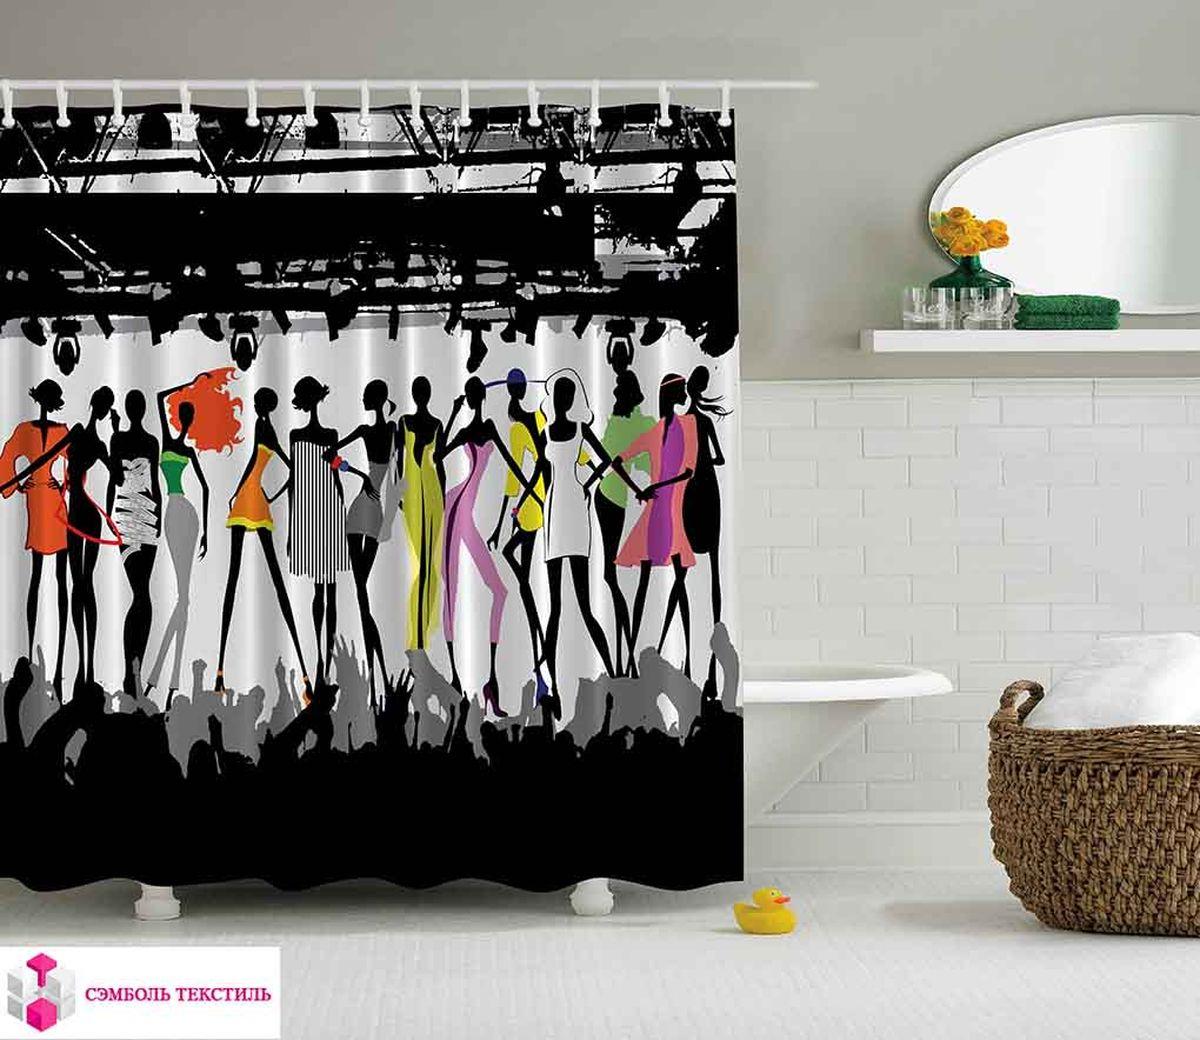 Штора для ванной комнаты Magic Lady Fashion show, 180 х 200 смшв_2904Компания Сэмболь изготавливает шторы из высококачественного сатена (полиэстер 100%). При изготовлении используются специальные гипоаллергенные чернила для прямой печати по ткани, безопасные для человека и животных. Экологичность продукции Magic lady и безопасность для окружающей среды подтверждены сертификатом Oeko-Tex Standard 100. Крепление: крючки (12 шт.). Внимание! При нанесении сублимационной печати на ткань технологическим методом при температуре 240 С, возможно отклонение полученных размеров, указанных на этикетке и сайте, от стандартных на + - 3-5 см. Мы стараемся максимально точно передать цвета изделия на наших фотографиях, однако искажения неизбежны и фактический цвет изделия может отличаться от воспринимаемого по фото. Обратите внимание! Шторы изготовлены из полиэстра сатенового переплетения, а не из сатина (хлопок). Размер шторы 180*200 см. В комплекте 1 штора и 12 крючков.